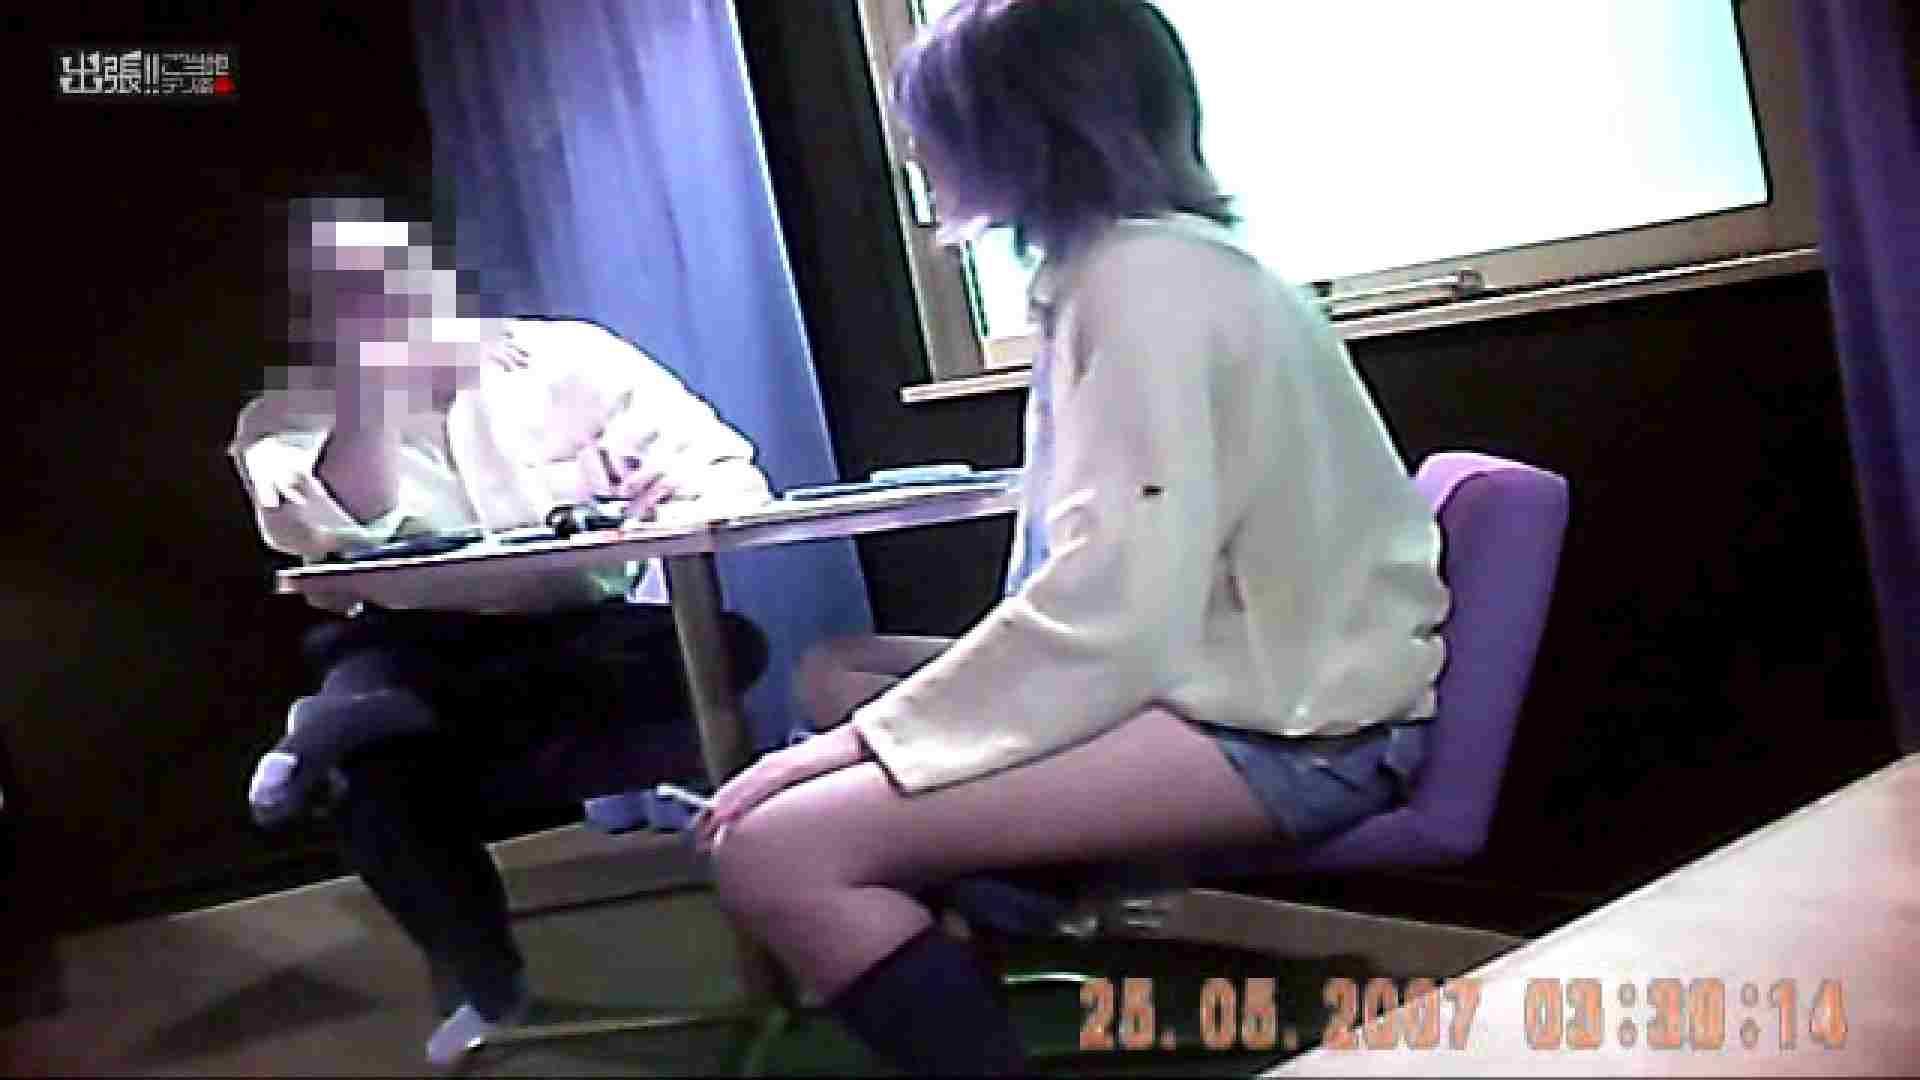 出張リーマンのデリ嬢隠し撮り第3弾vol.5 投稿 AV動画キャプチャ 61PIX 21